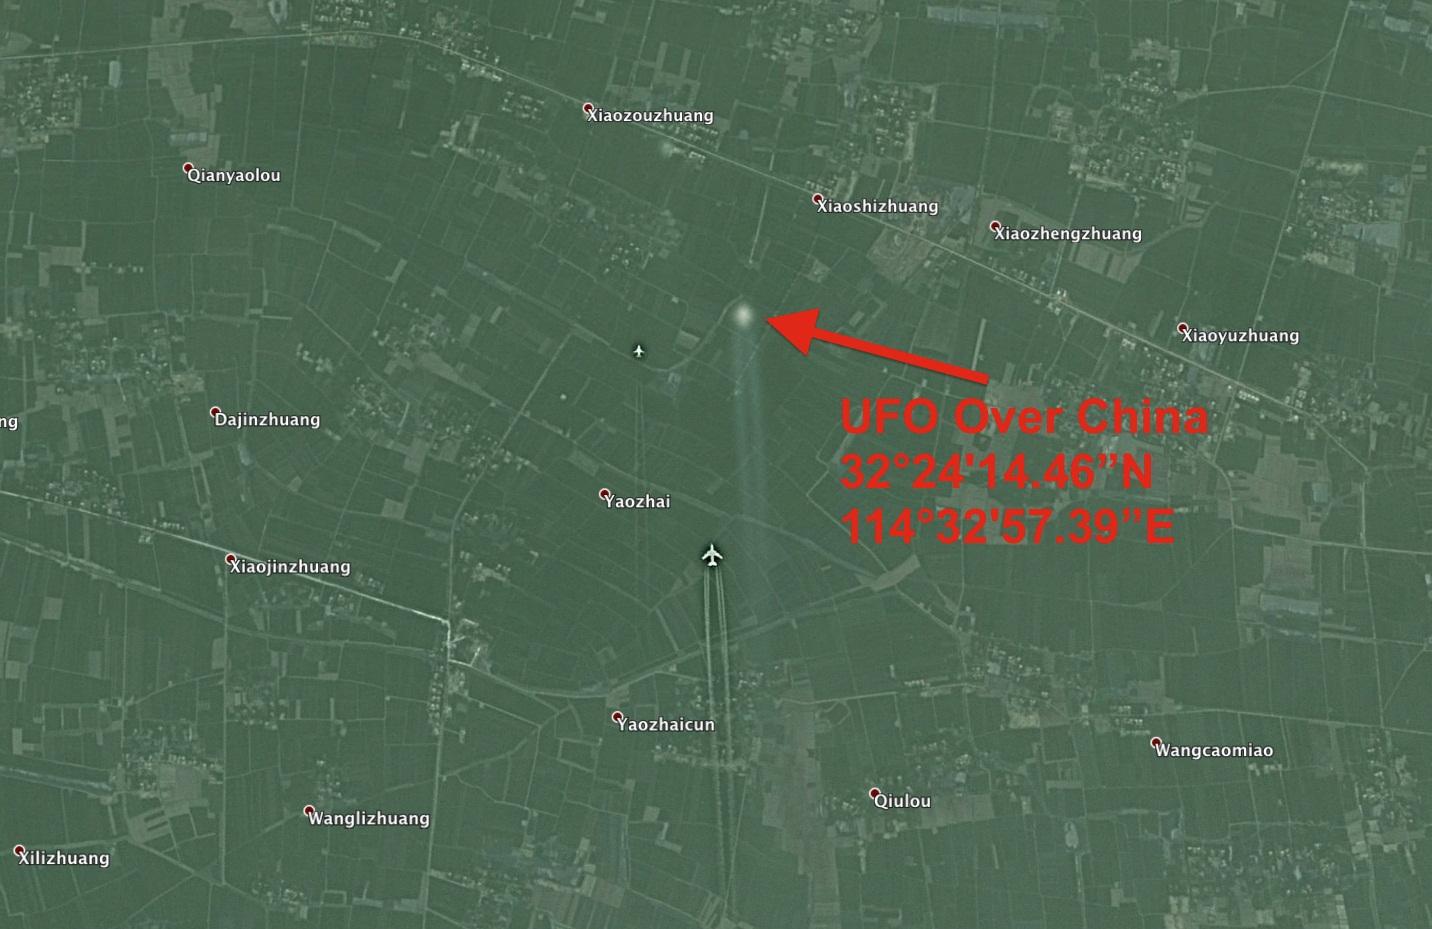 НЛО в сопровождении двух самолетов над Китаем